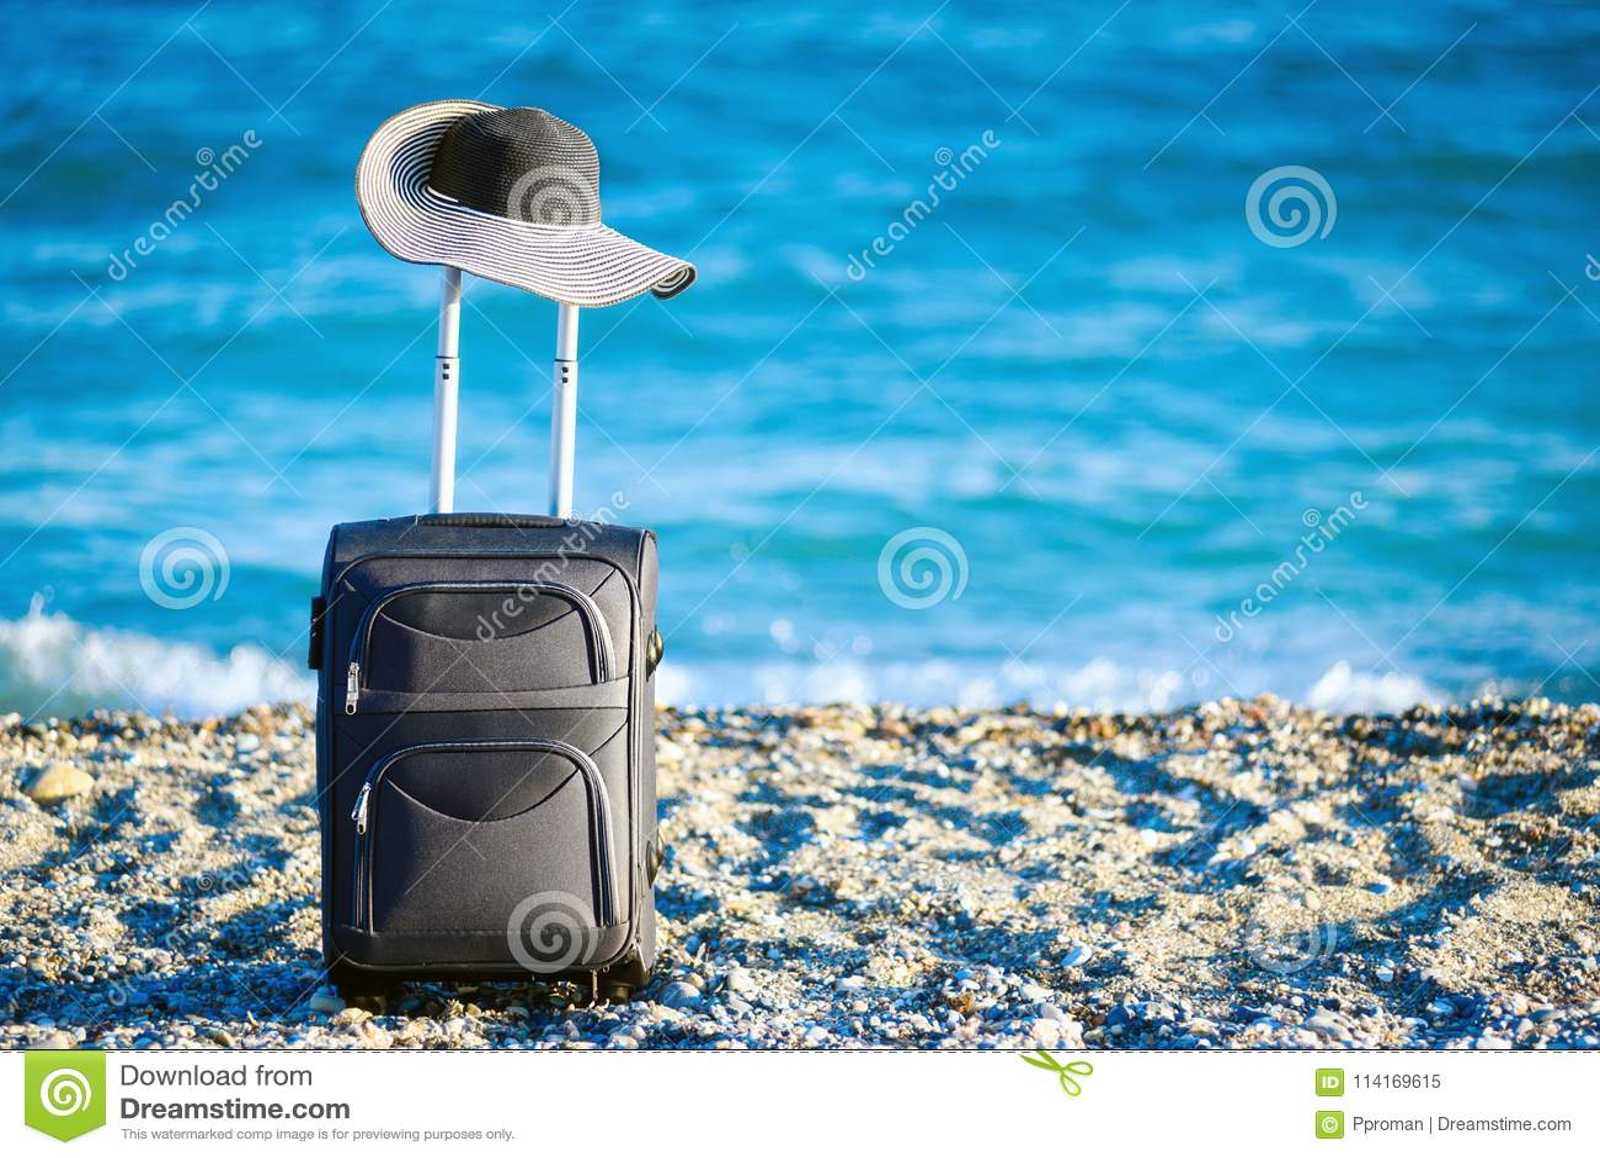 Maleta y sombrero en la playa